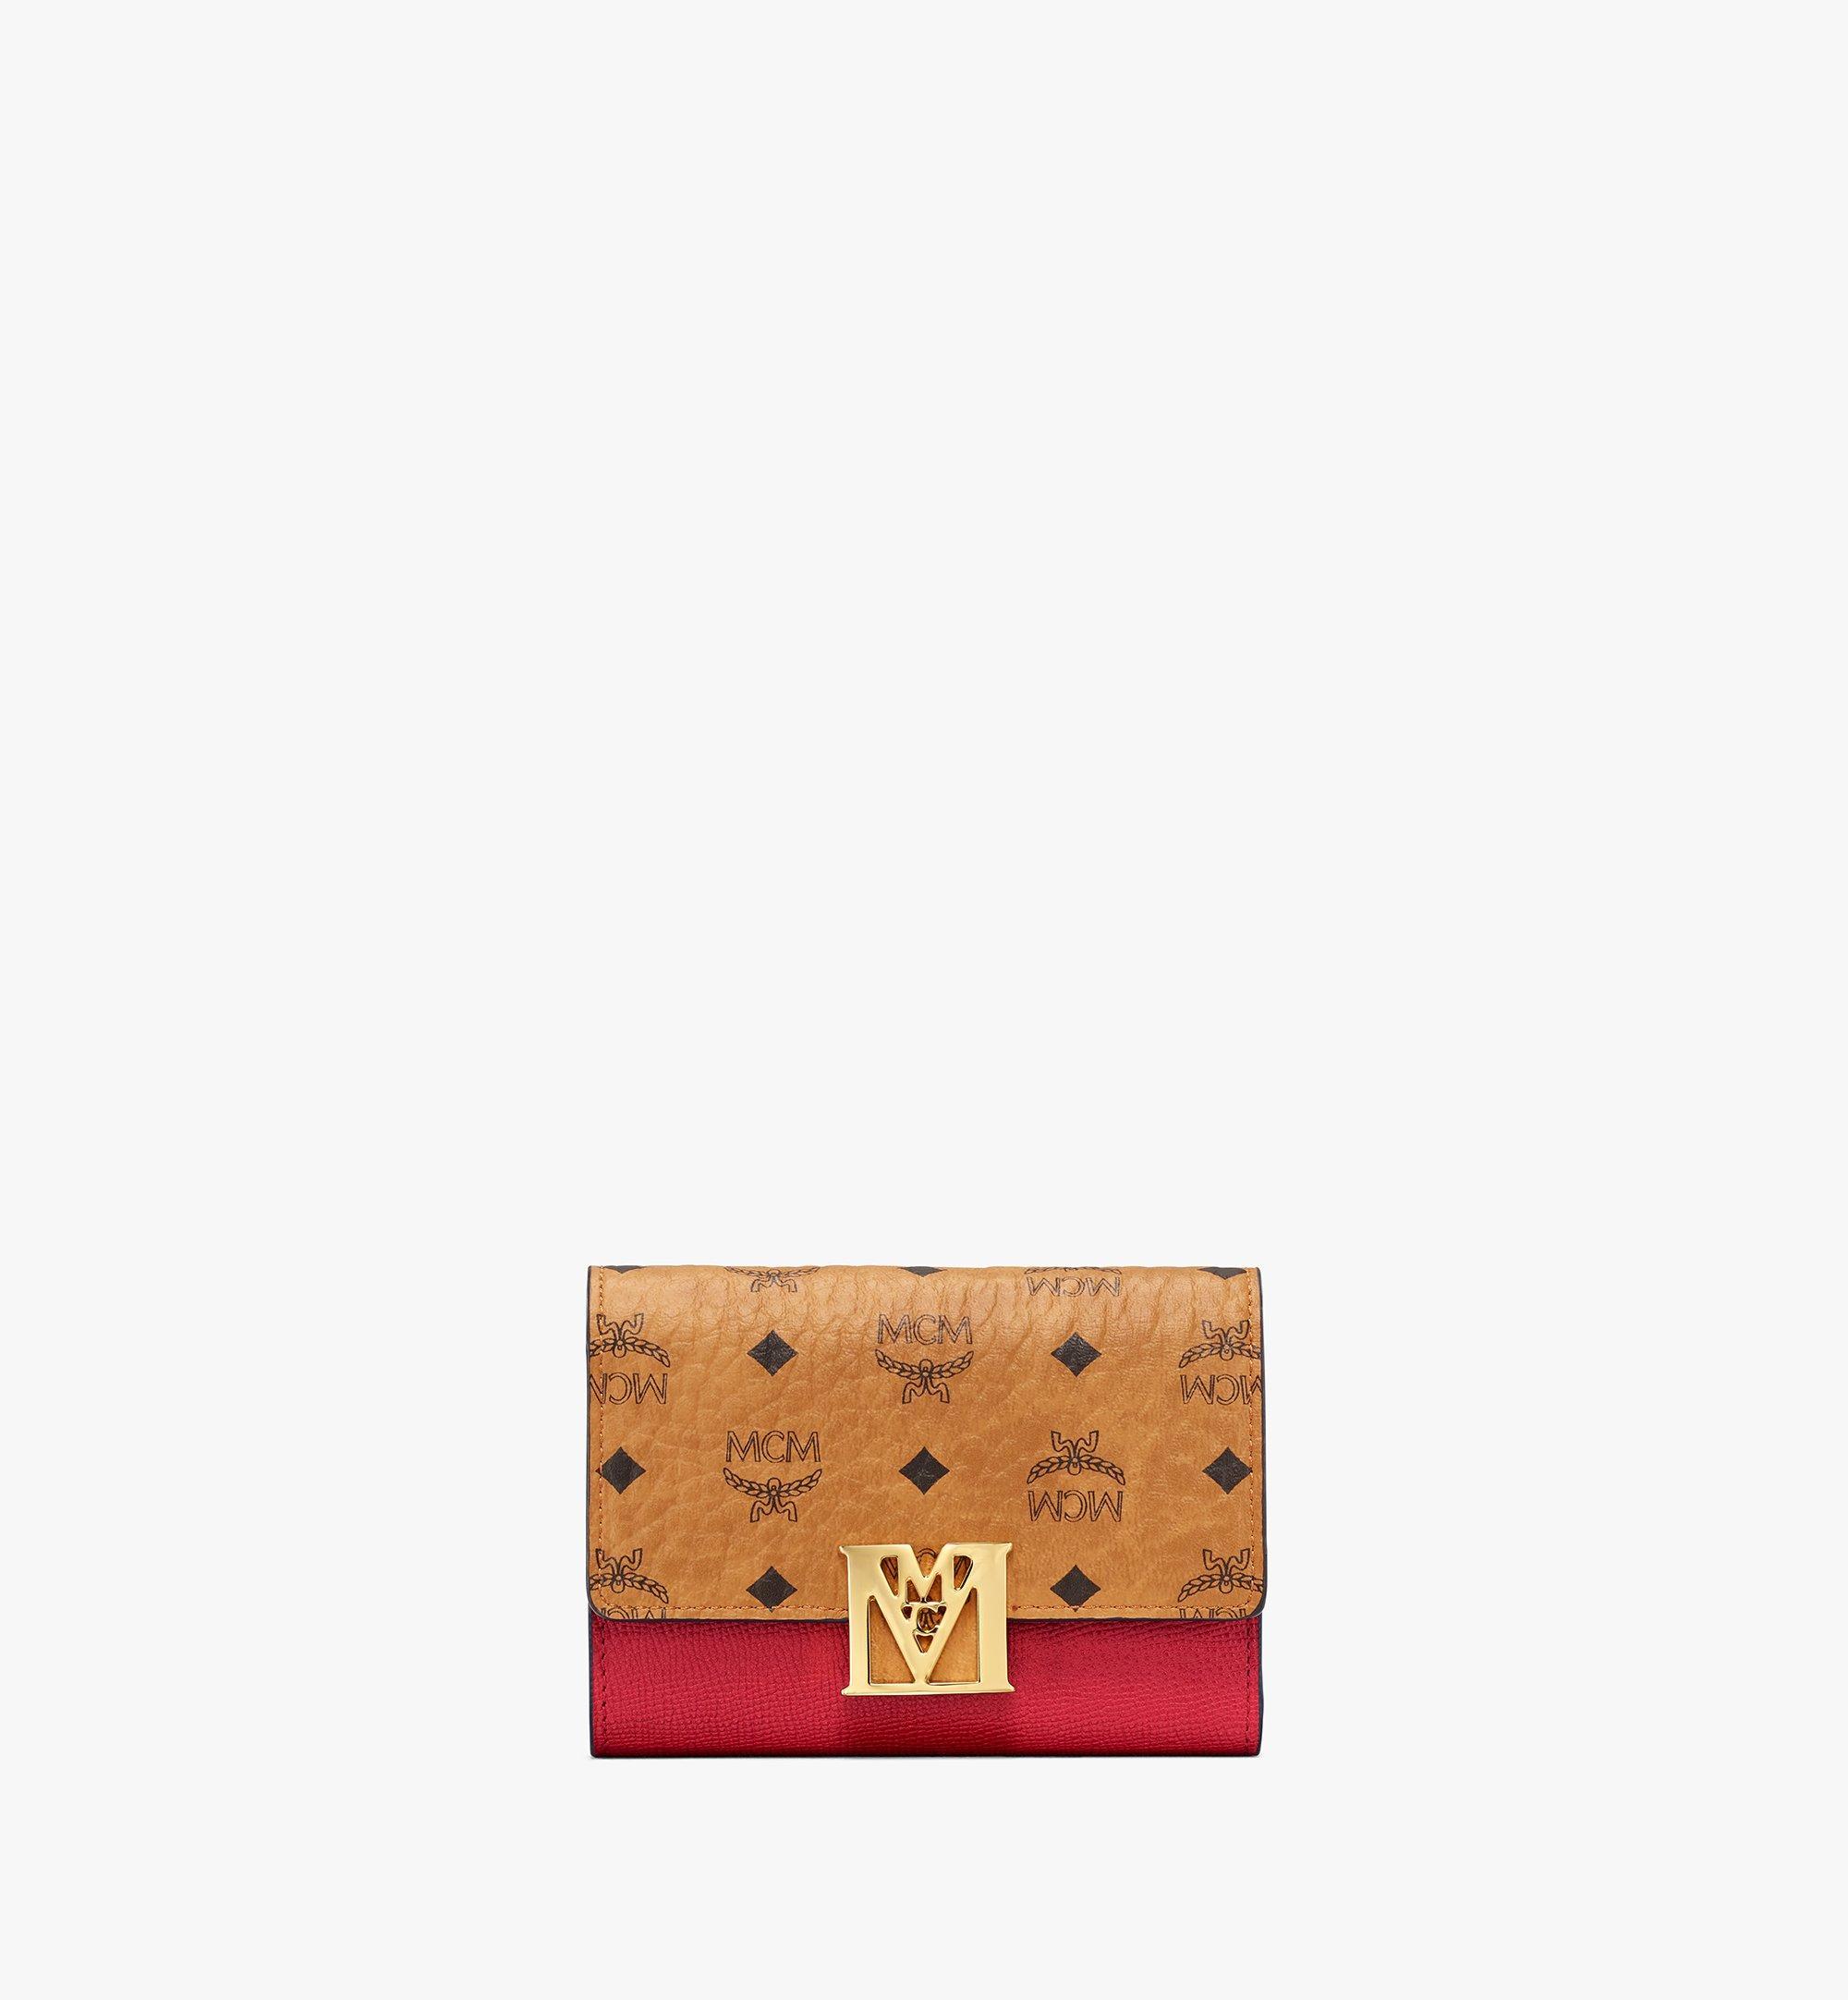 MCM 拼色 Visetos 皮革 Mena 三折錢包 Red MYSAALM01RU001 更多視圖 1